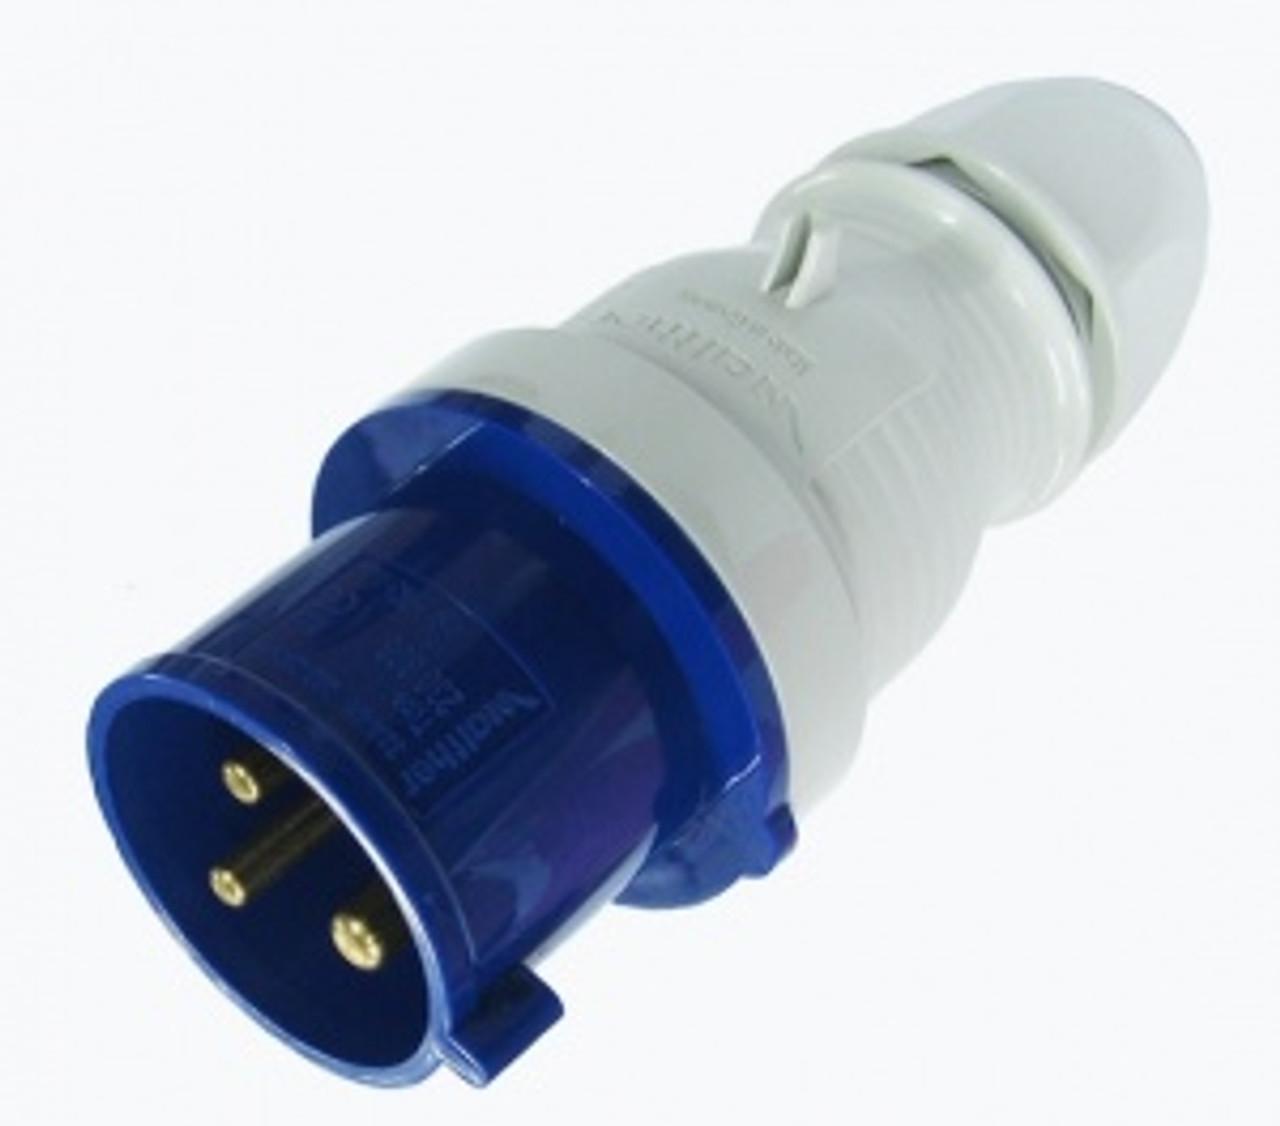 IEC (60309) 'Ceeform' 'Commando' 2P+E 250V plug